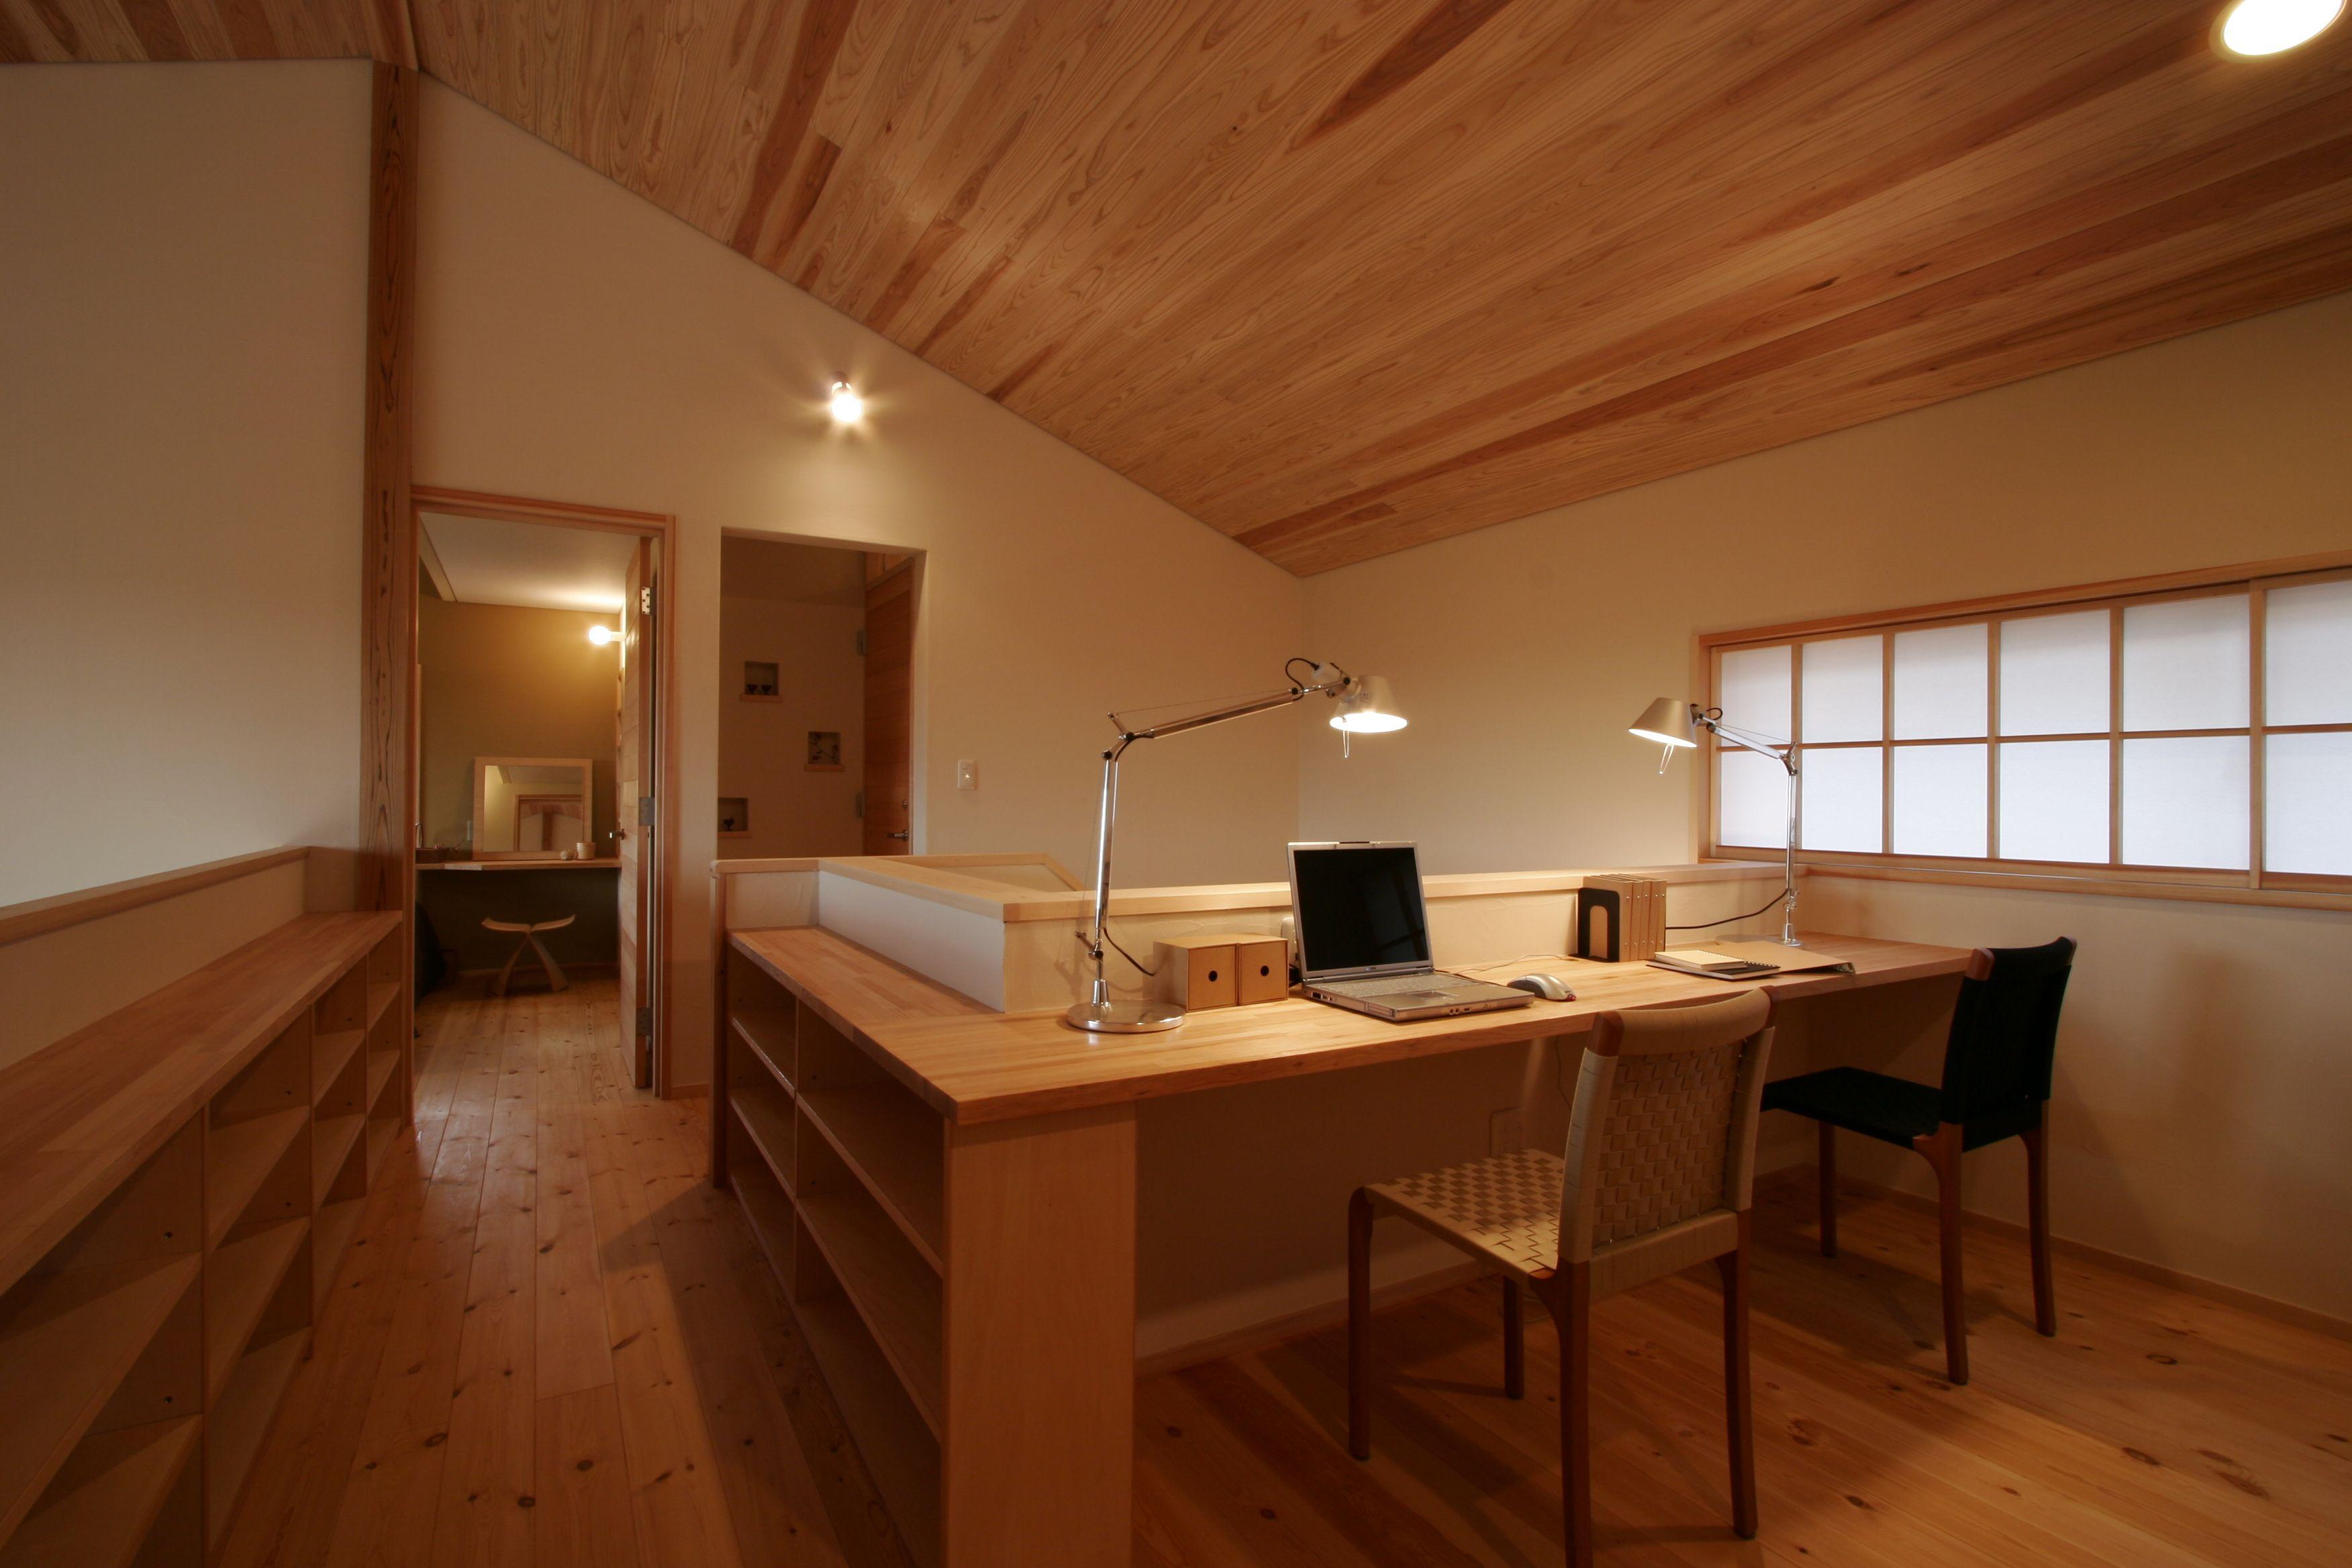 二階共有スペースは家族のファミリースペースでもあり高断熱 高気密